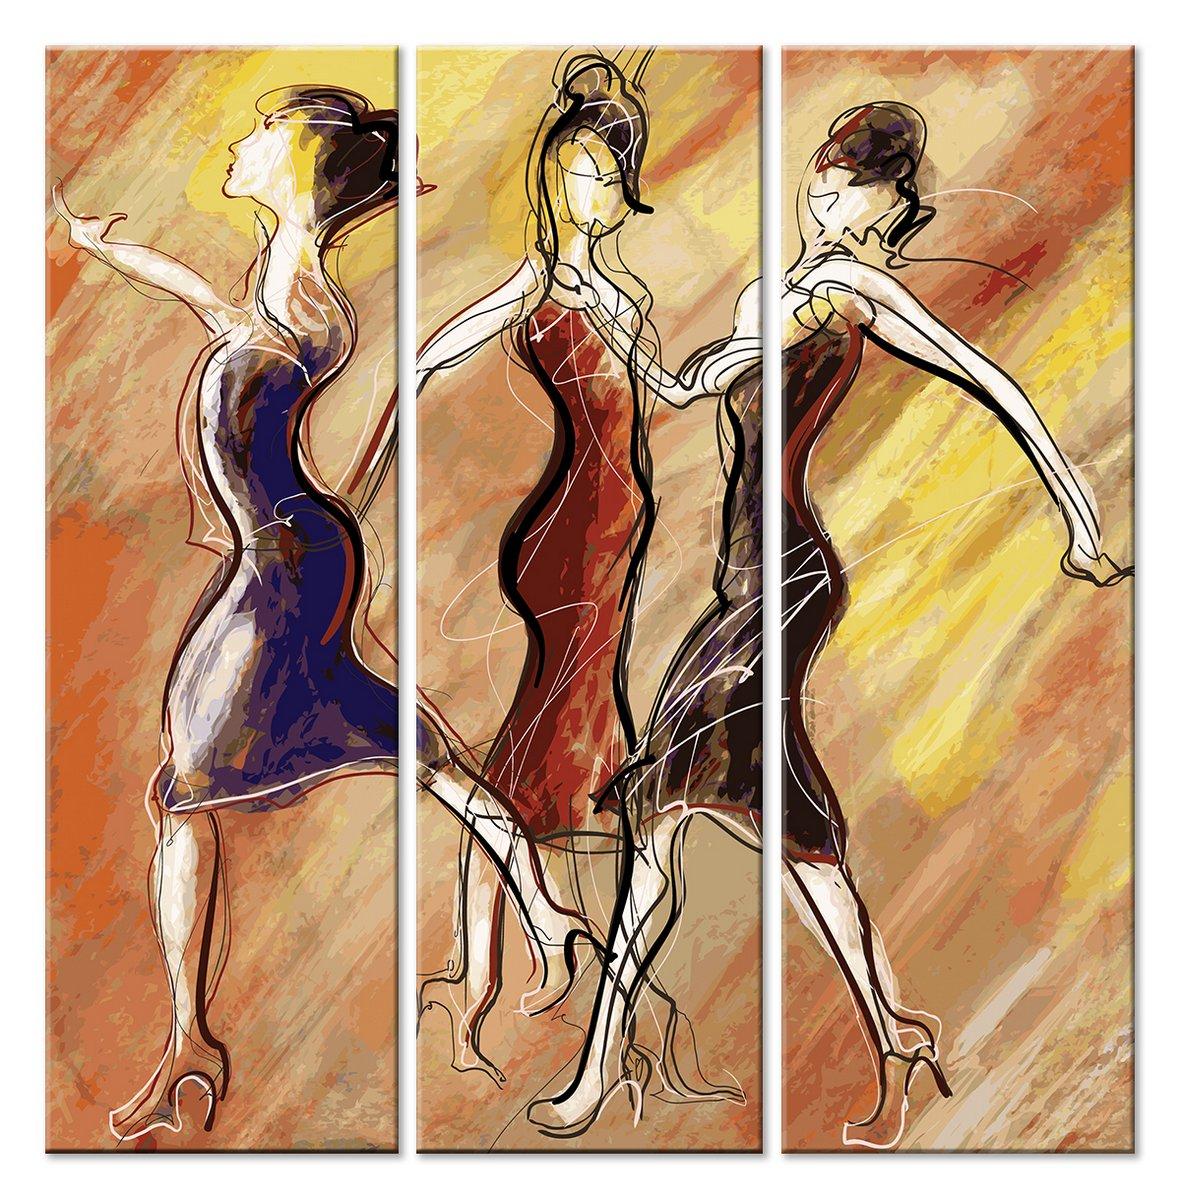 Модульная картина «Танцы»Люди<br>Модульная картина на натуральном холсте и деревянном подрамнике. Подвес в комплекте. Трехслойная надежная упаковка. Доставим в любую точку России. Вам осталось только повесить картину на стену!<br>